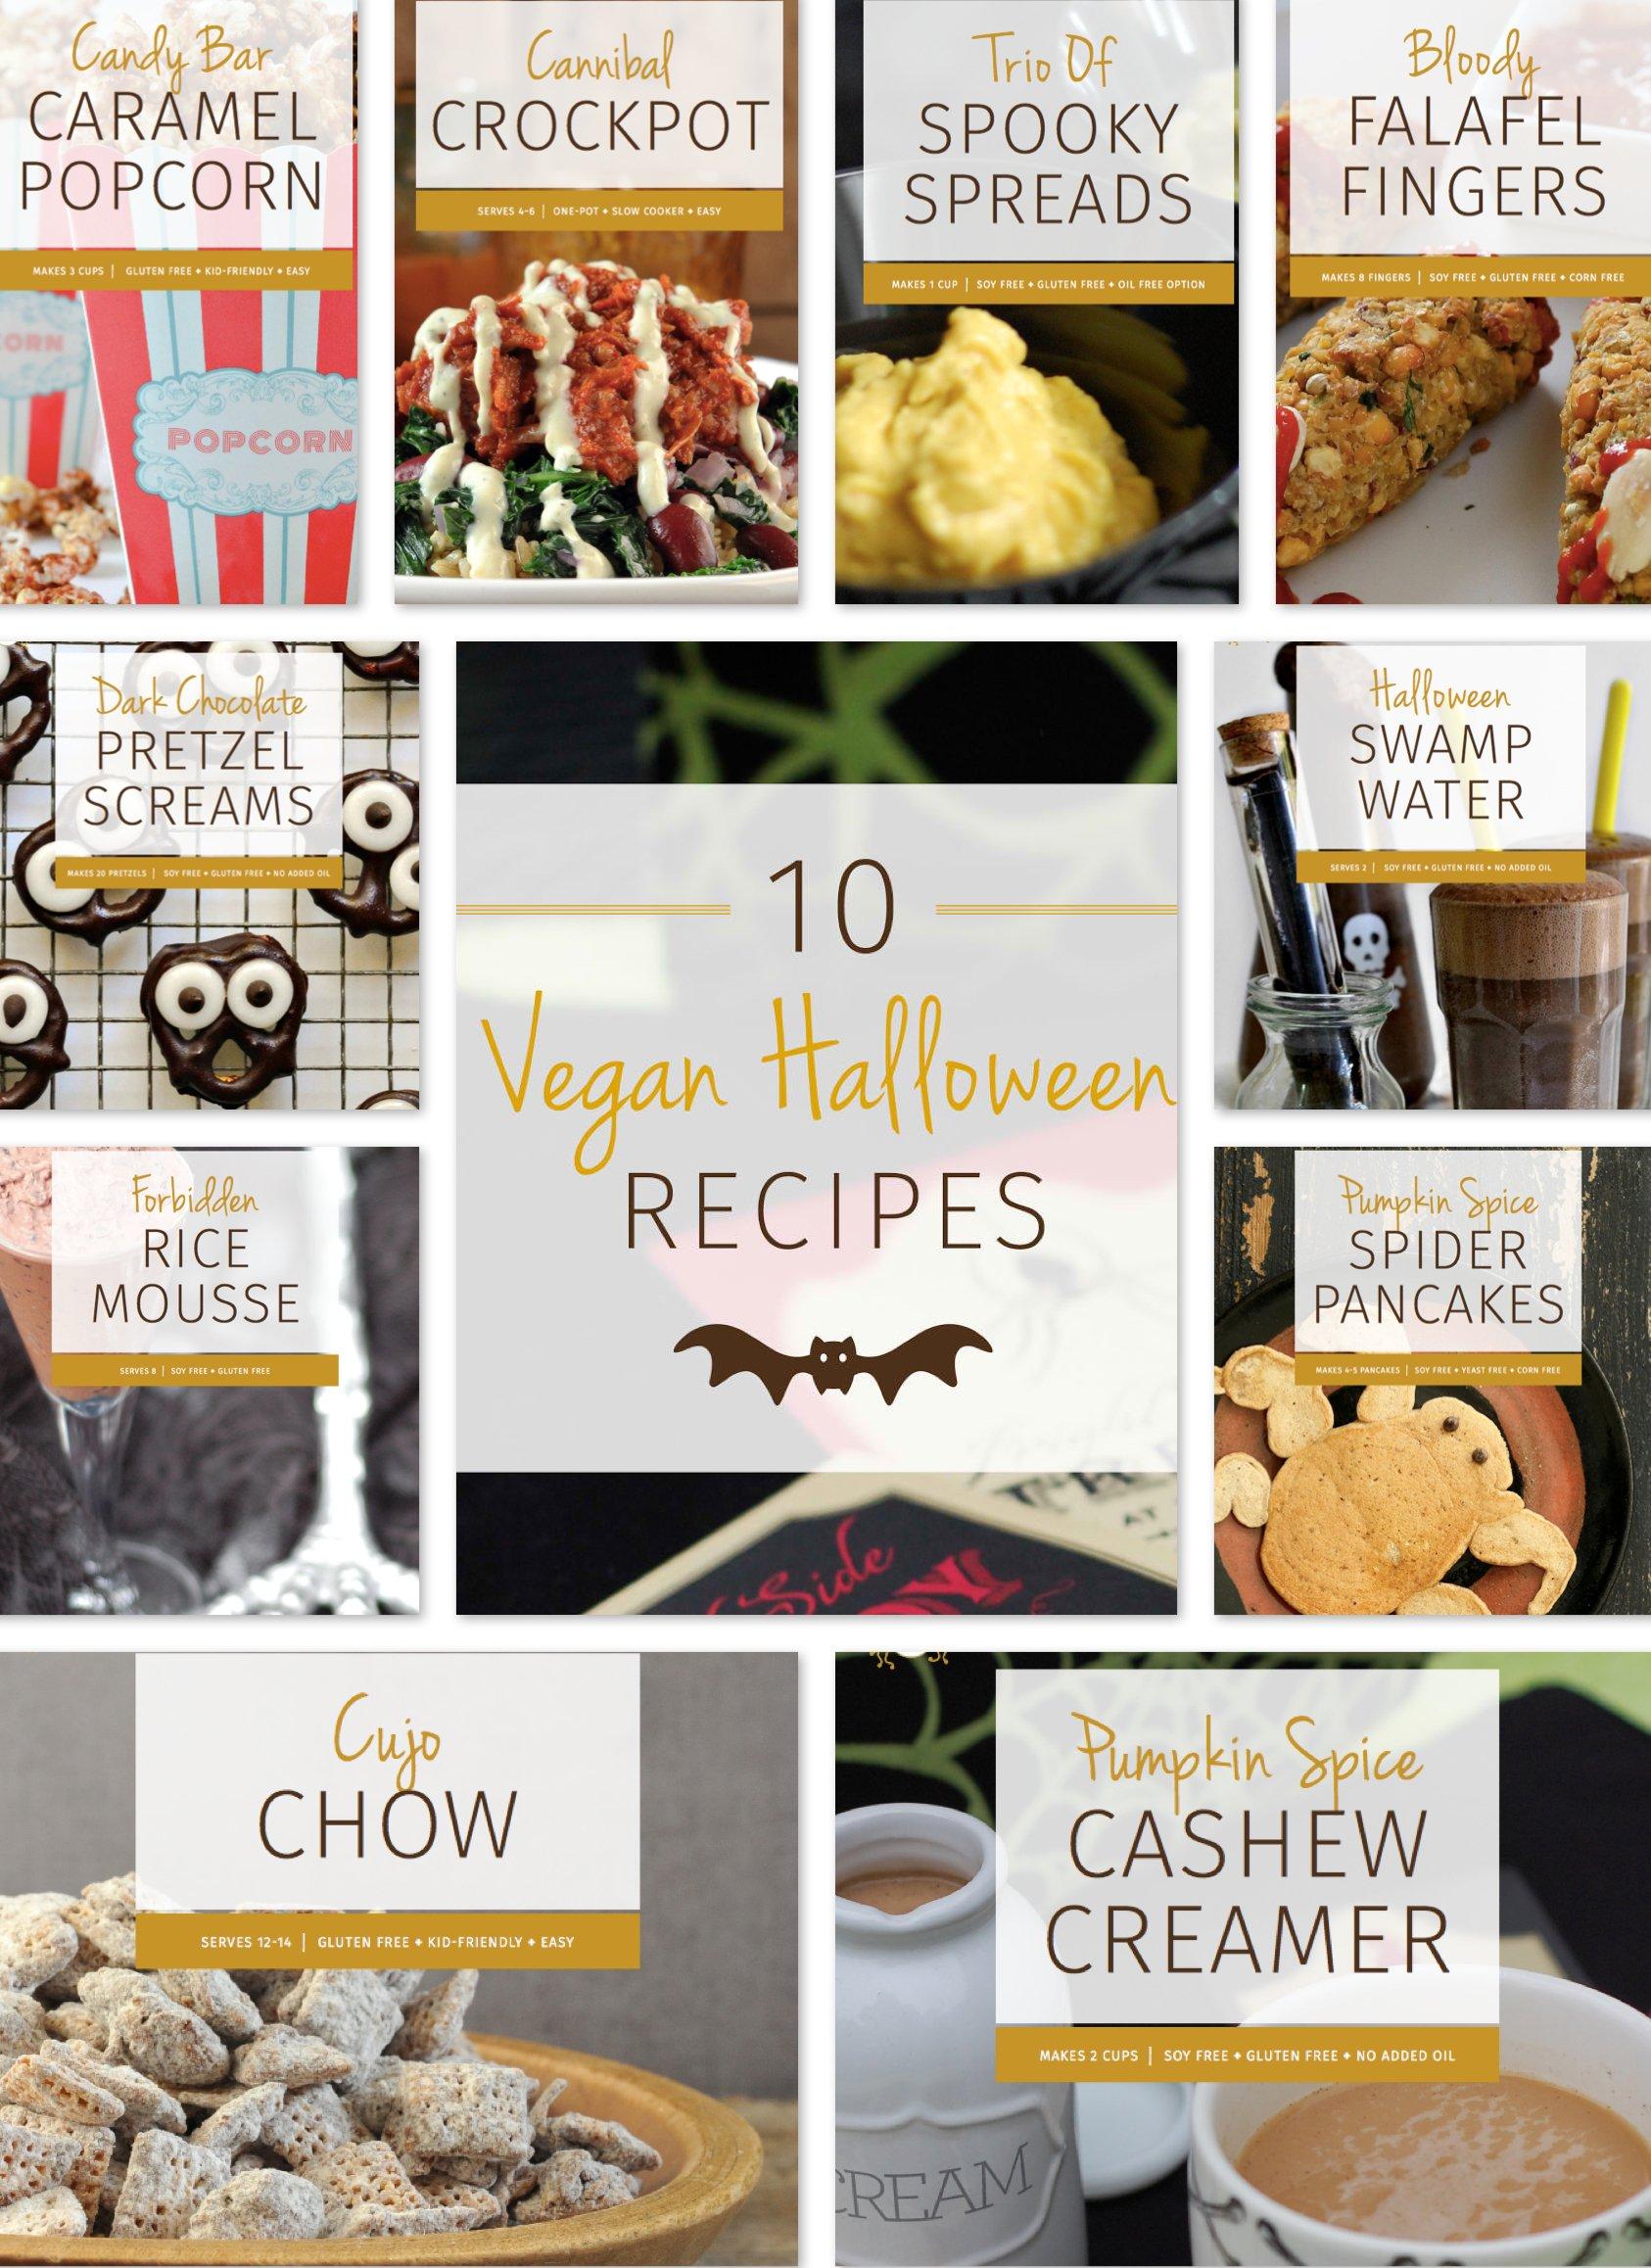 Ten Vegan Halloween Recipes